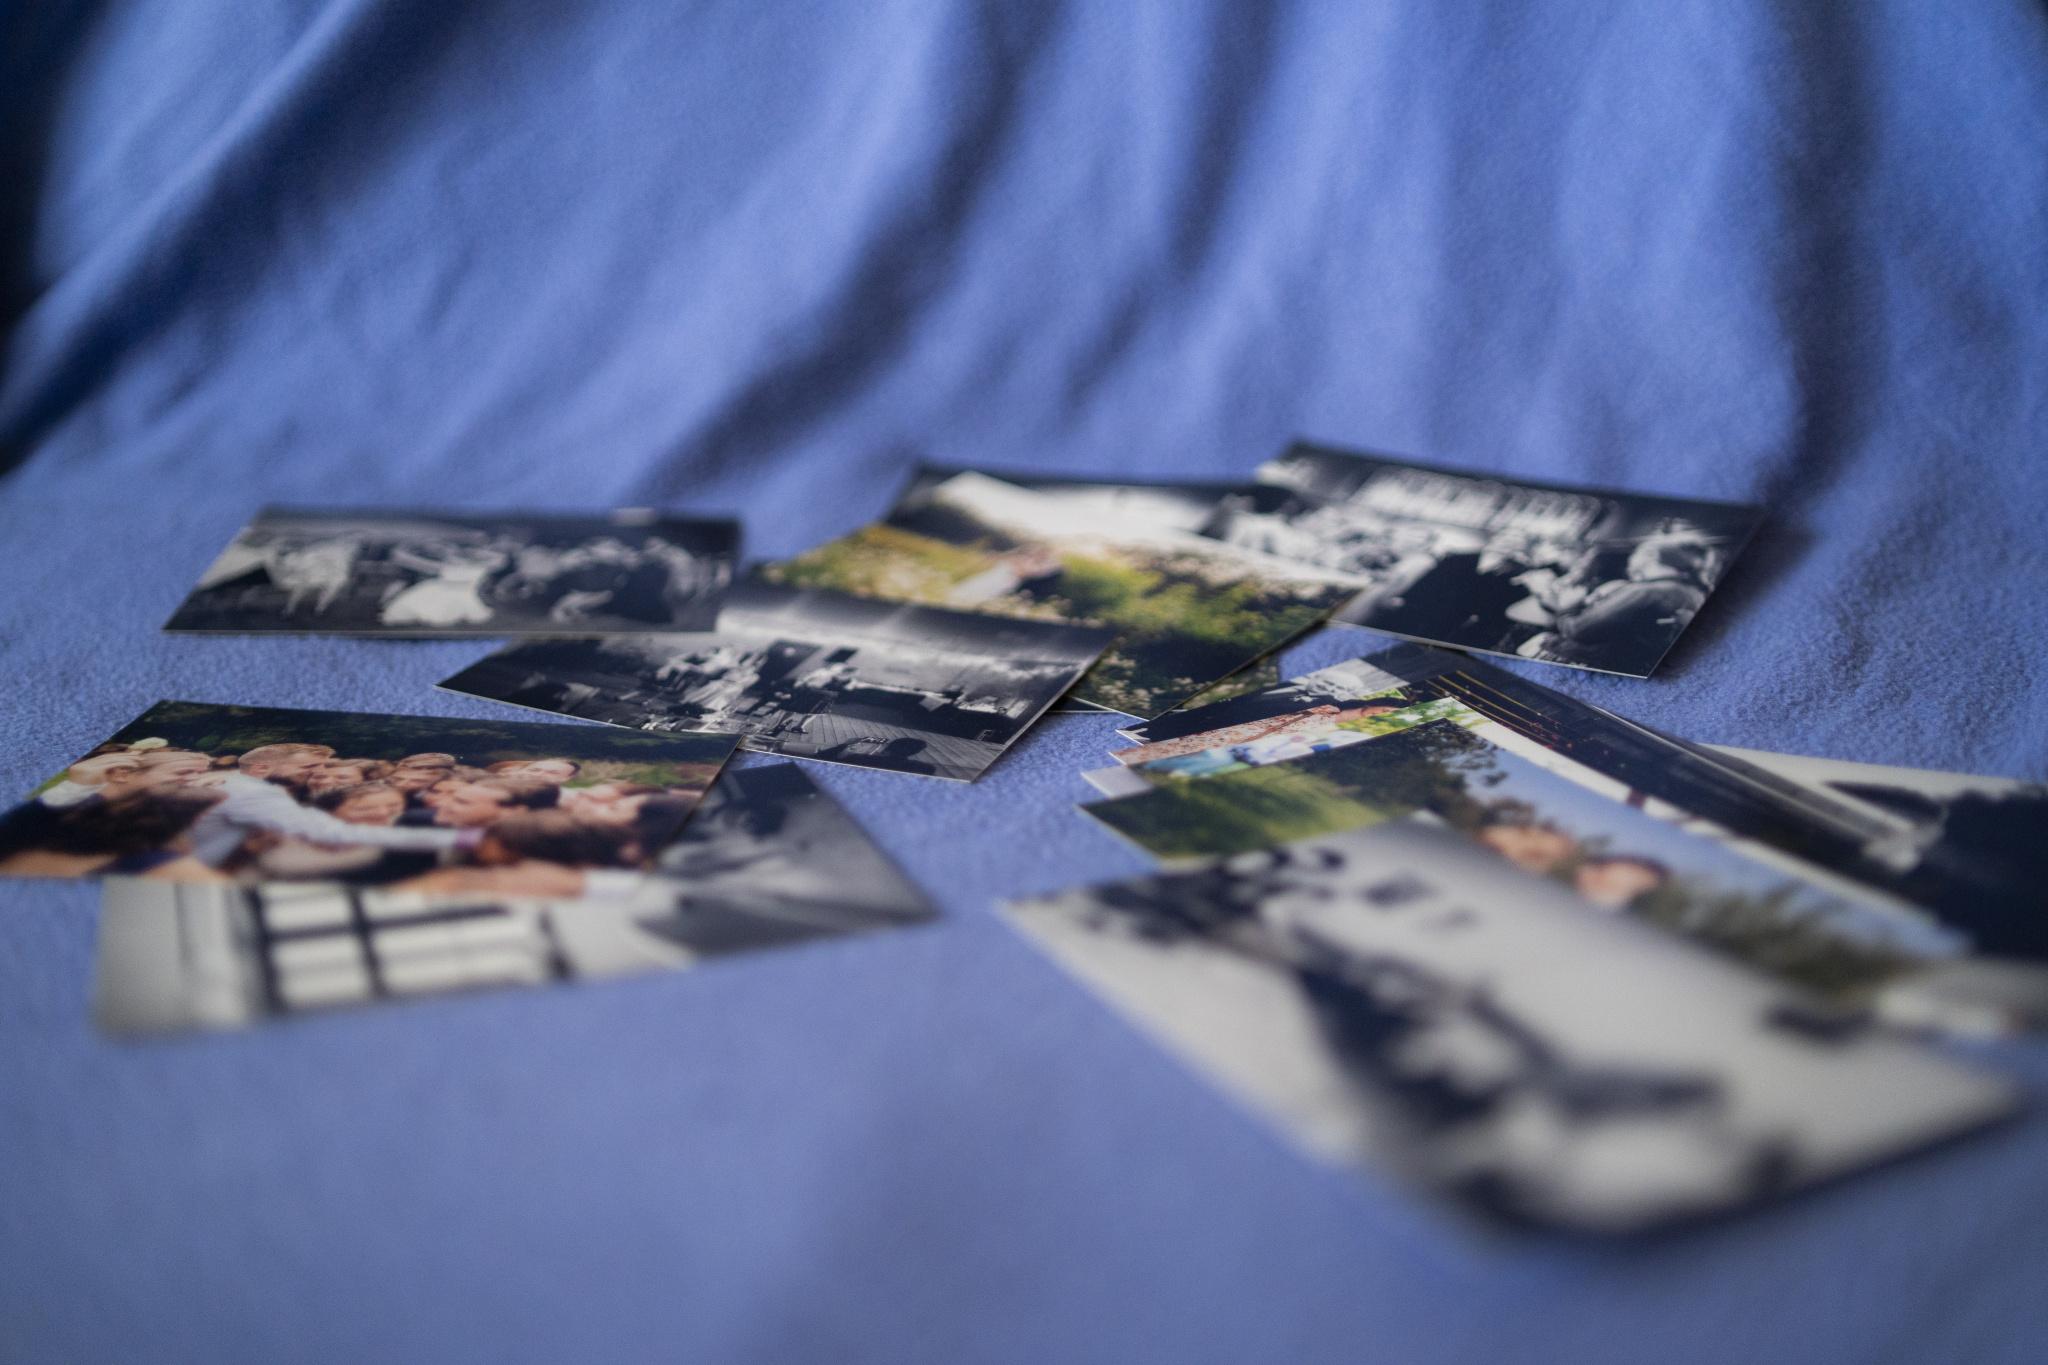 Fotografie und Kritik: Wie man Kritik akzeptiert und wo man sie findet